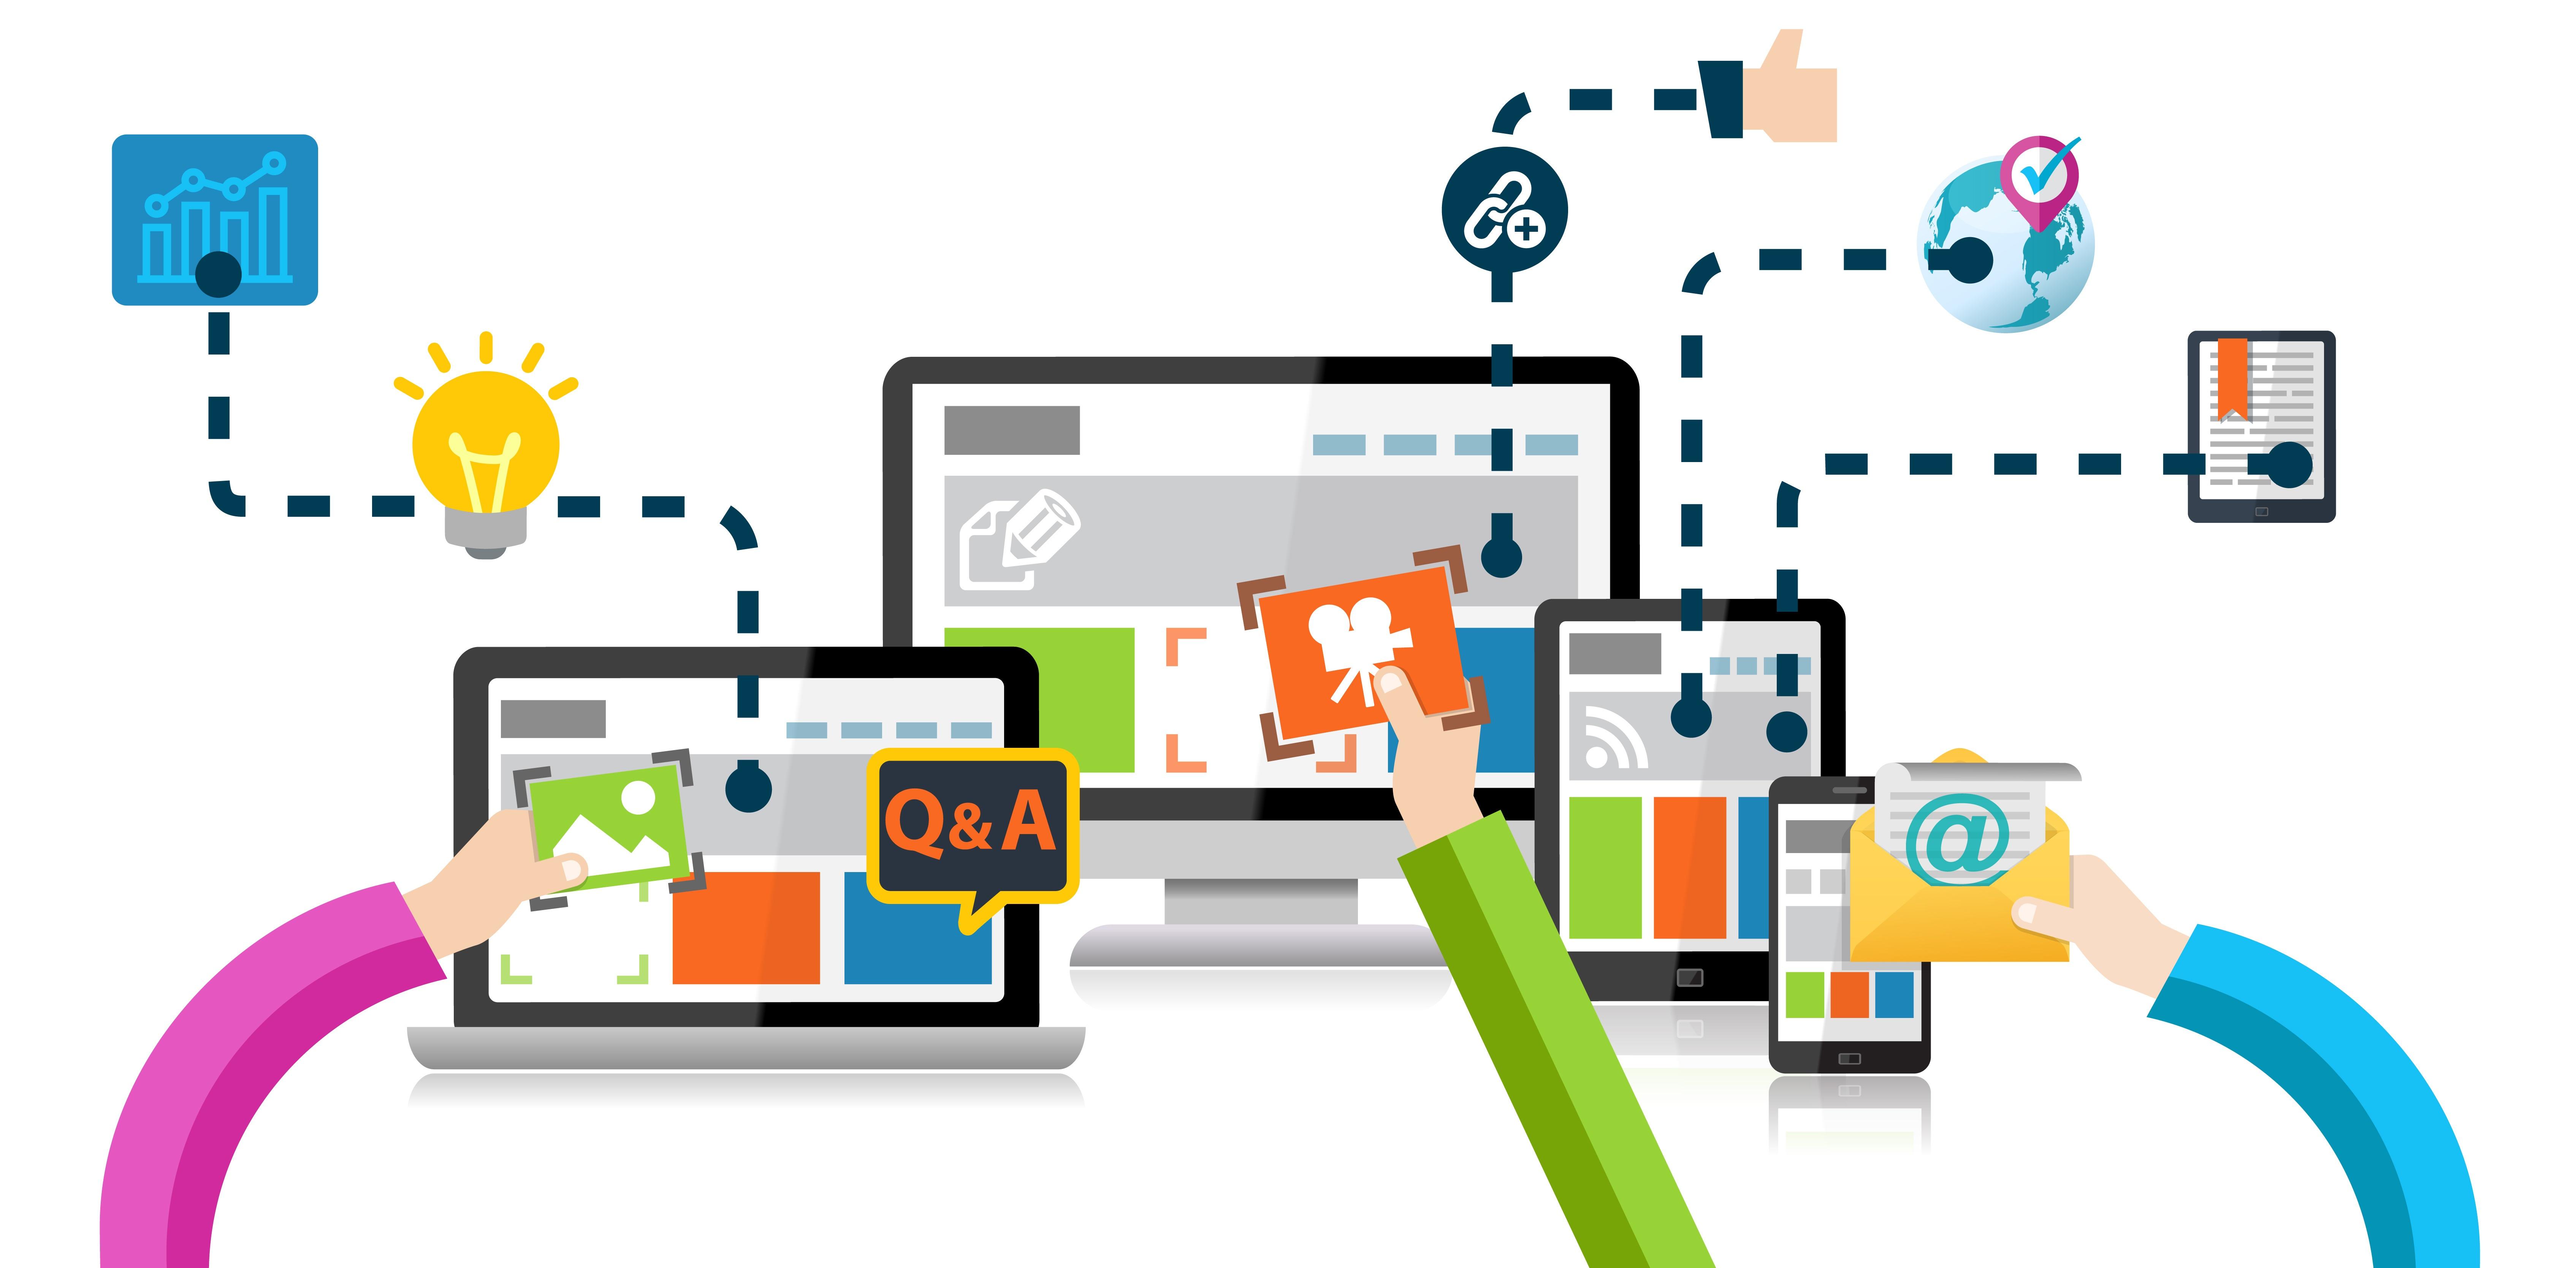 Social_Media_Marketing.jpeg